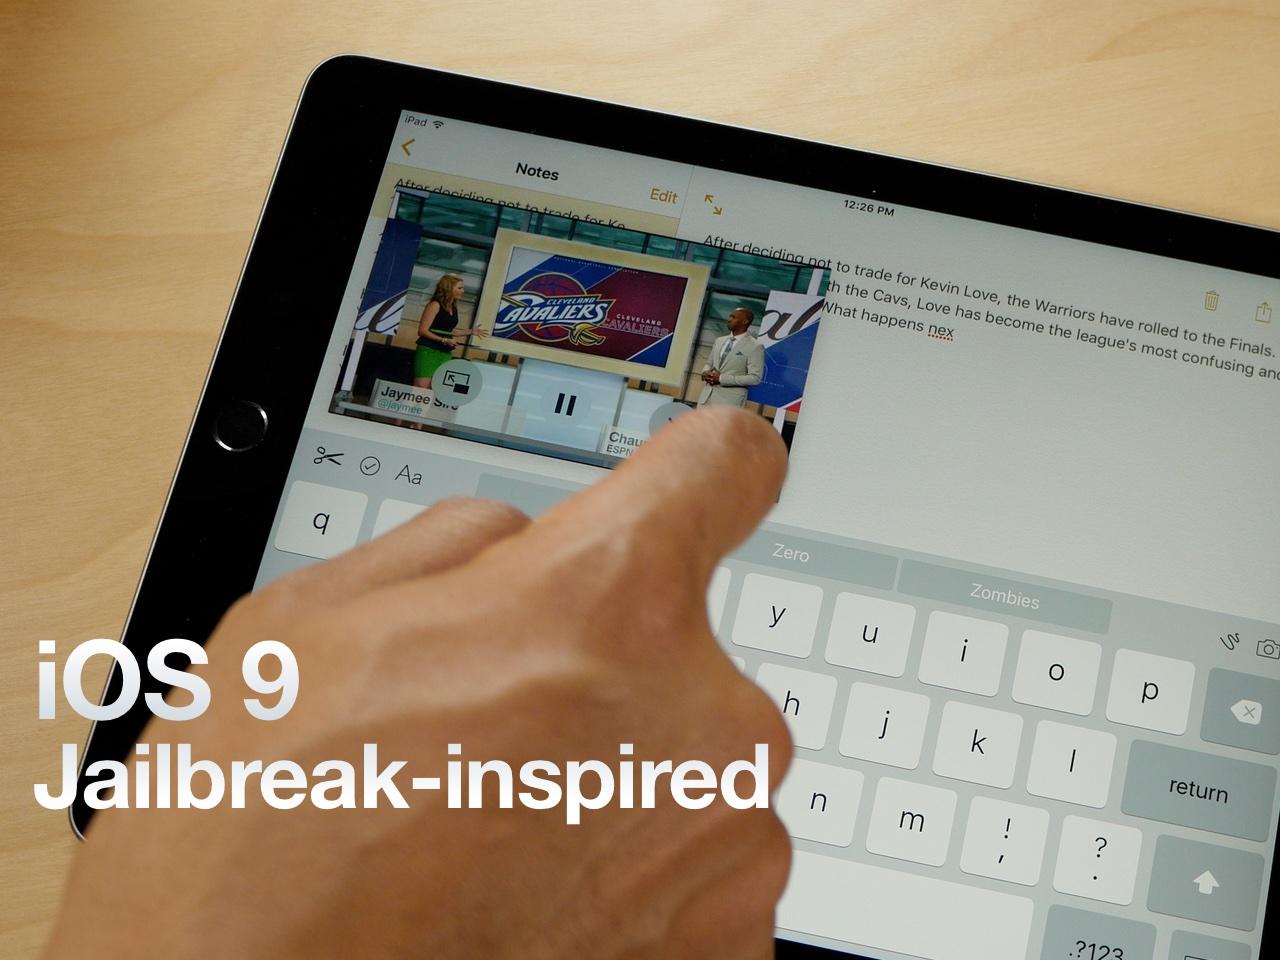 iOS 9 jailbreak-inspired